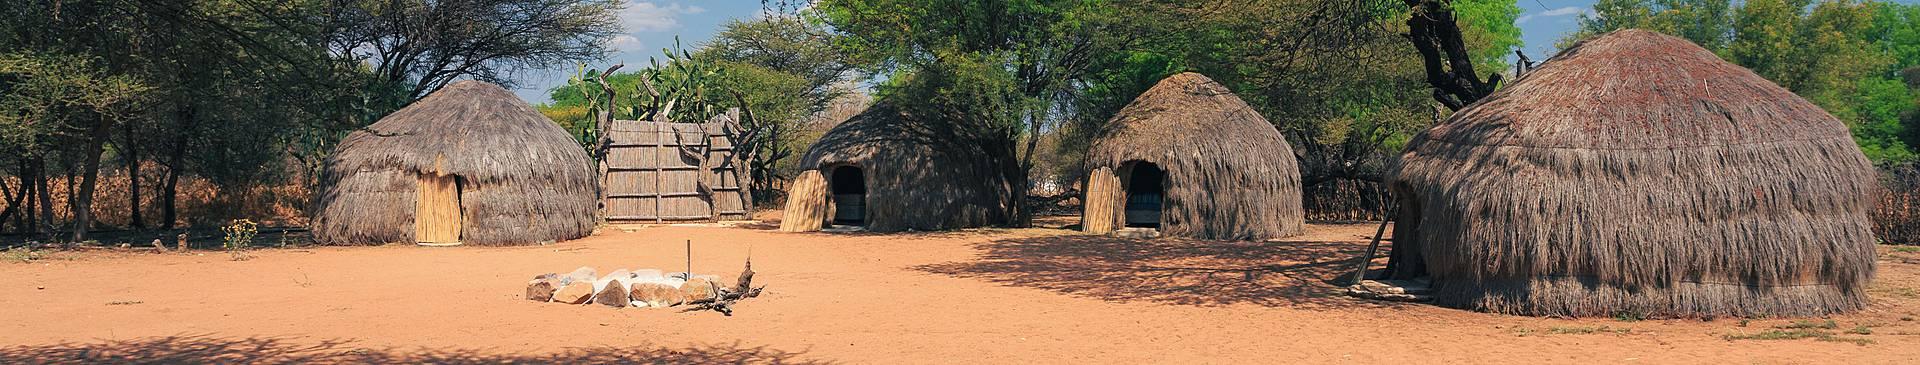 Botsuana en 15 días